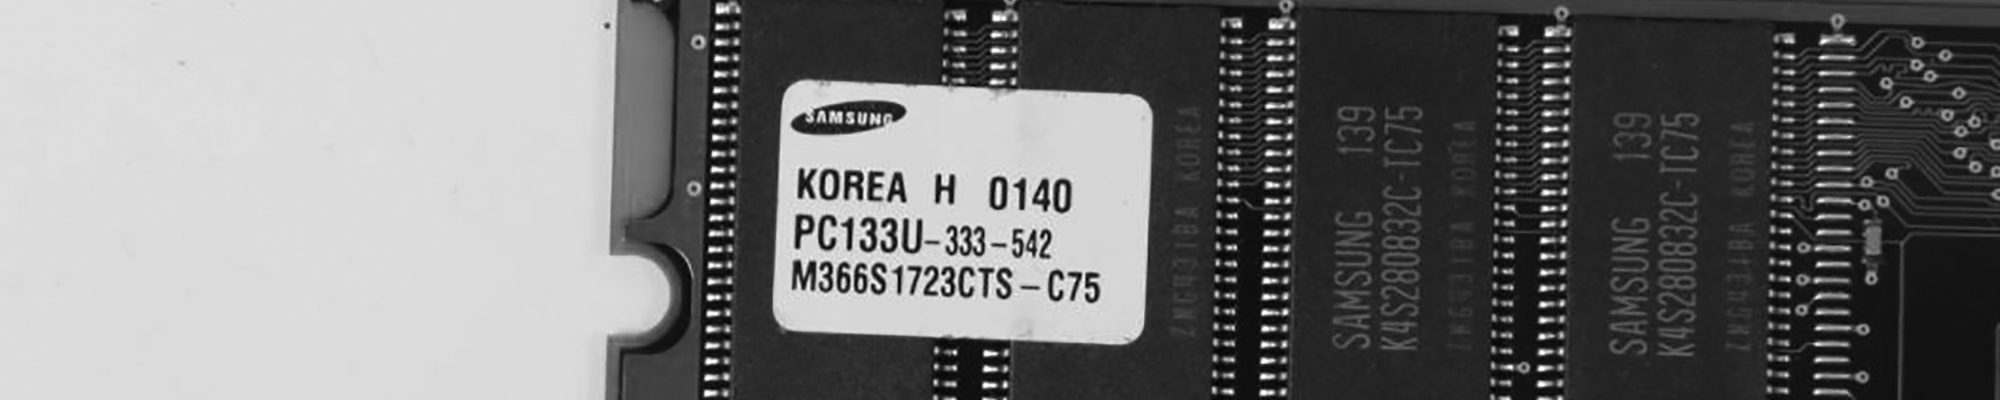 Samsung Server Memory